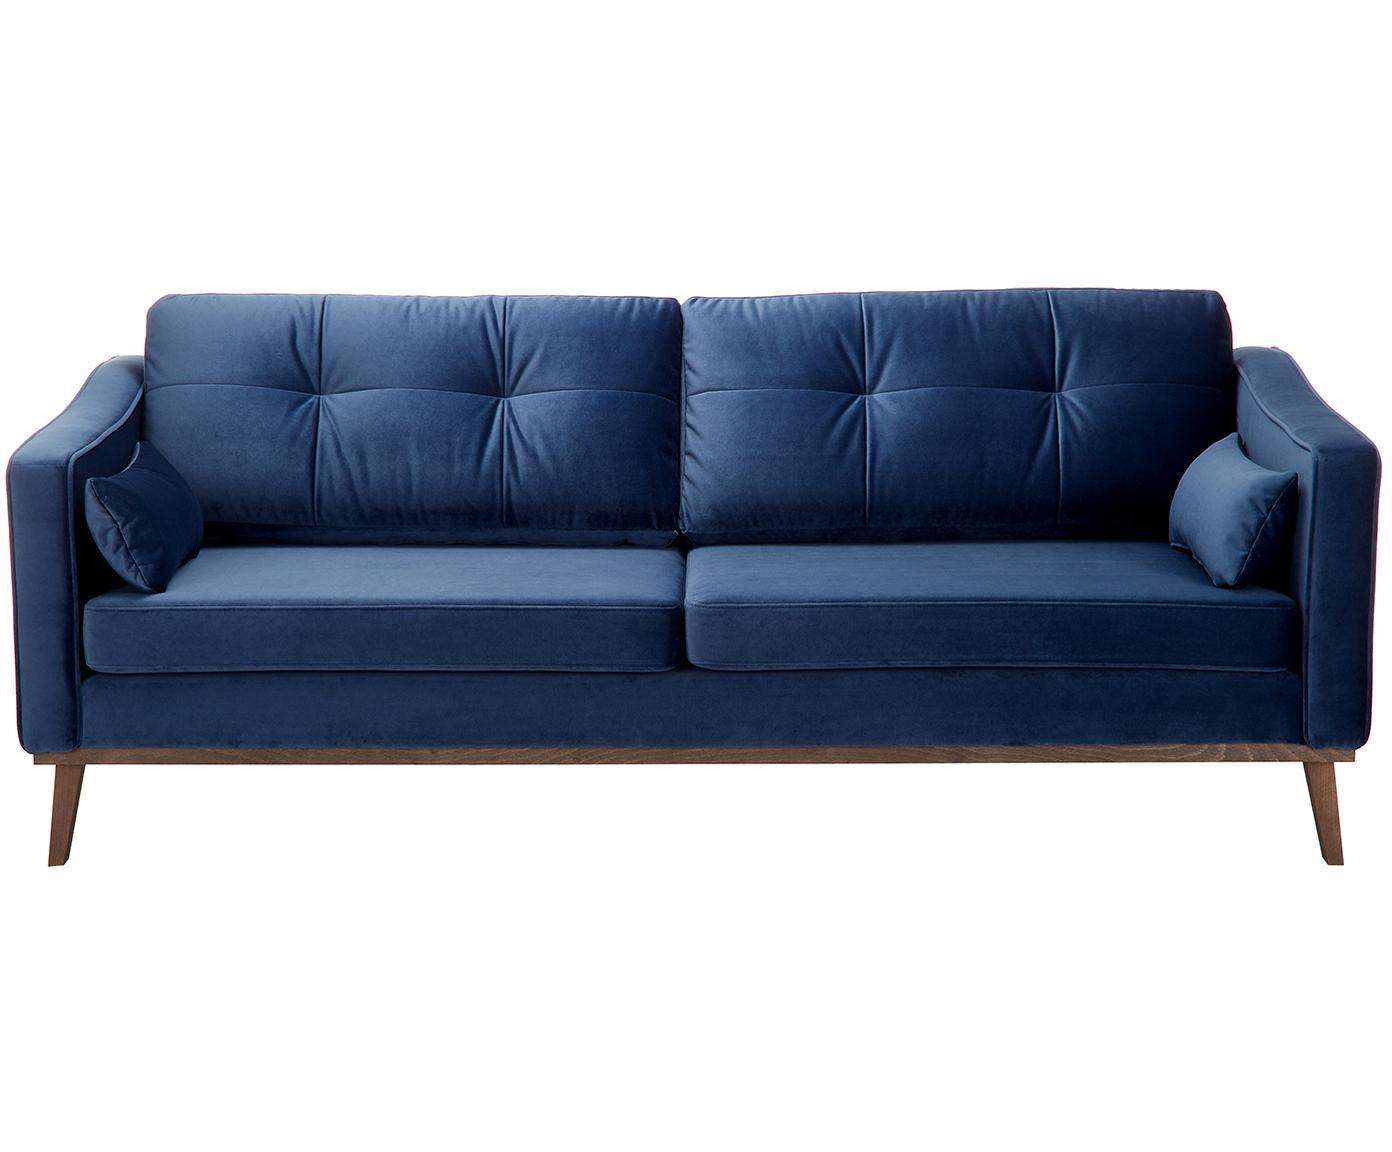 Fluwelen bank Alva (3-zits), Bekleding: fluweel (hoogwaardig poly, Frame: massief grenenhout, Poten: massief gebeitst beukenho, Turquoise, B 215 x D 92 cm